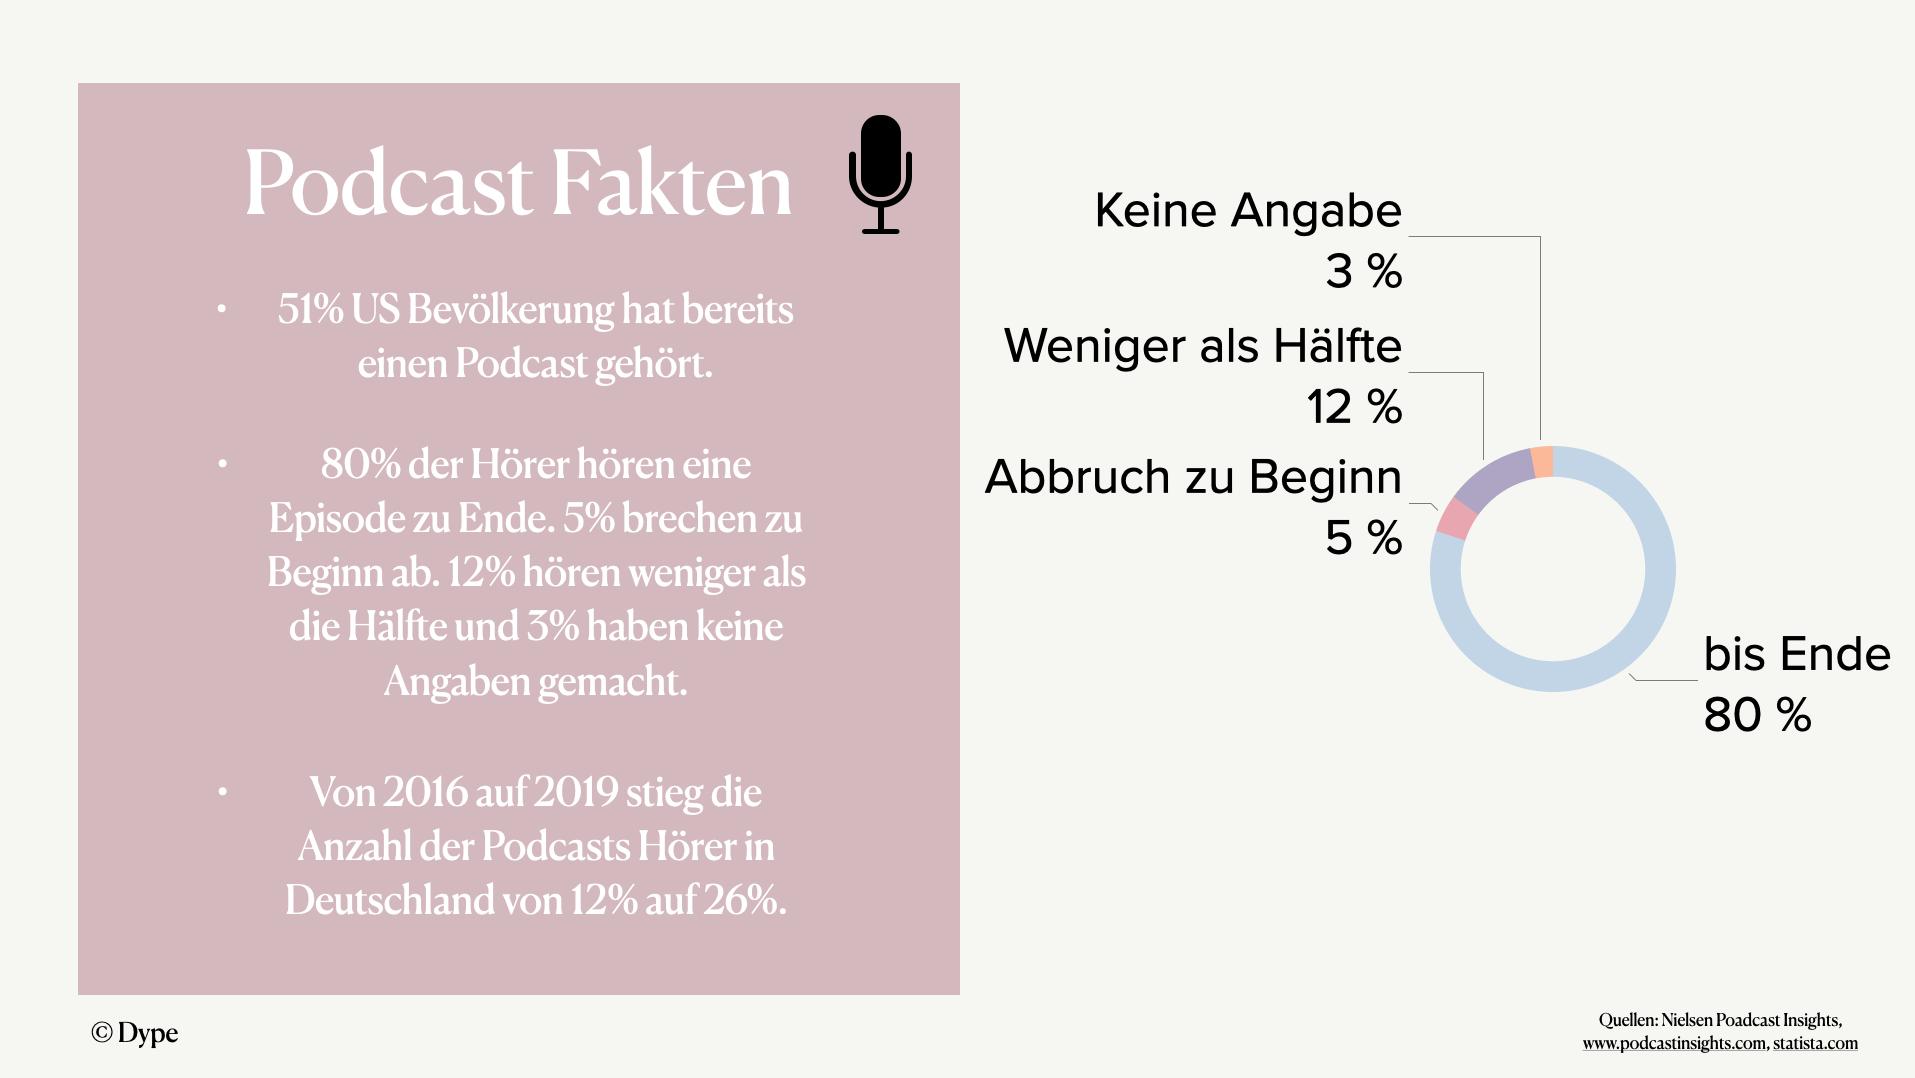 Podcast Fakten